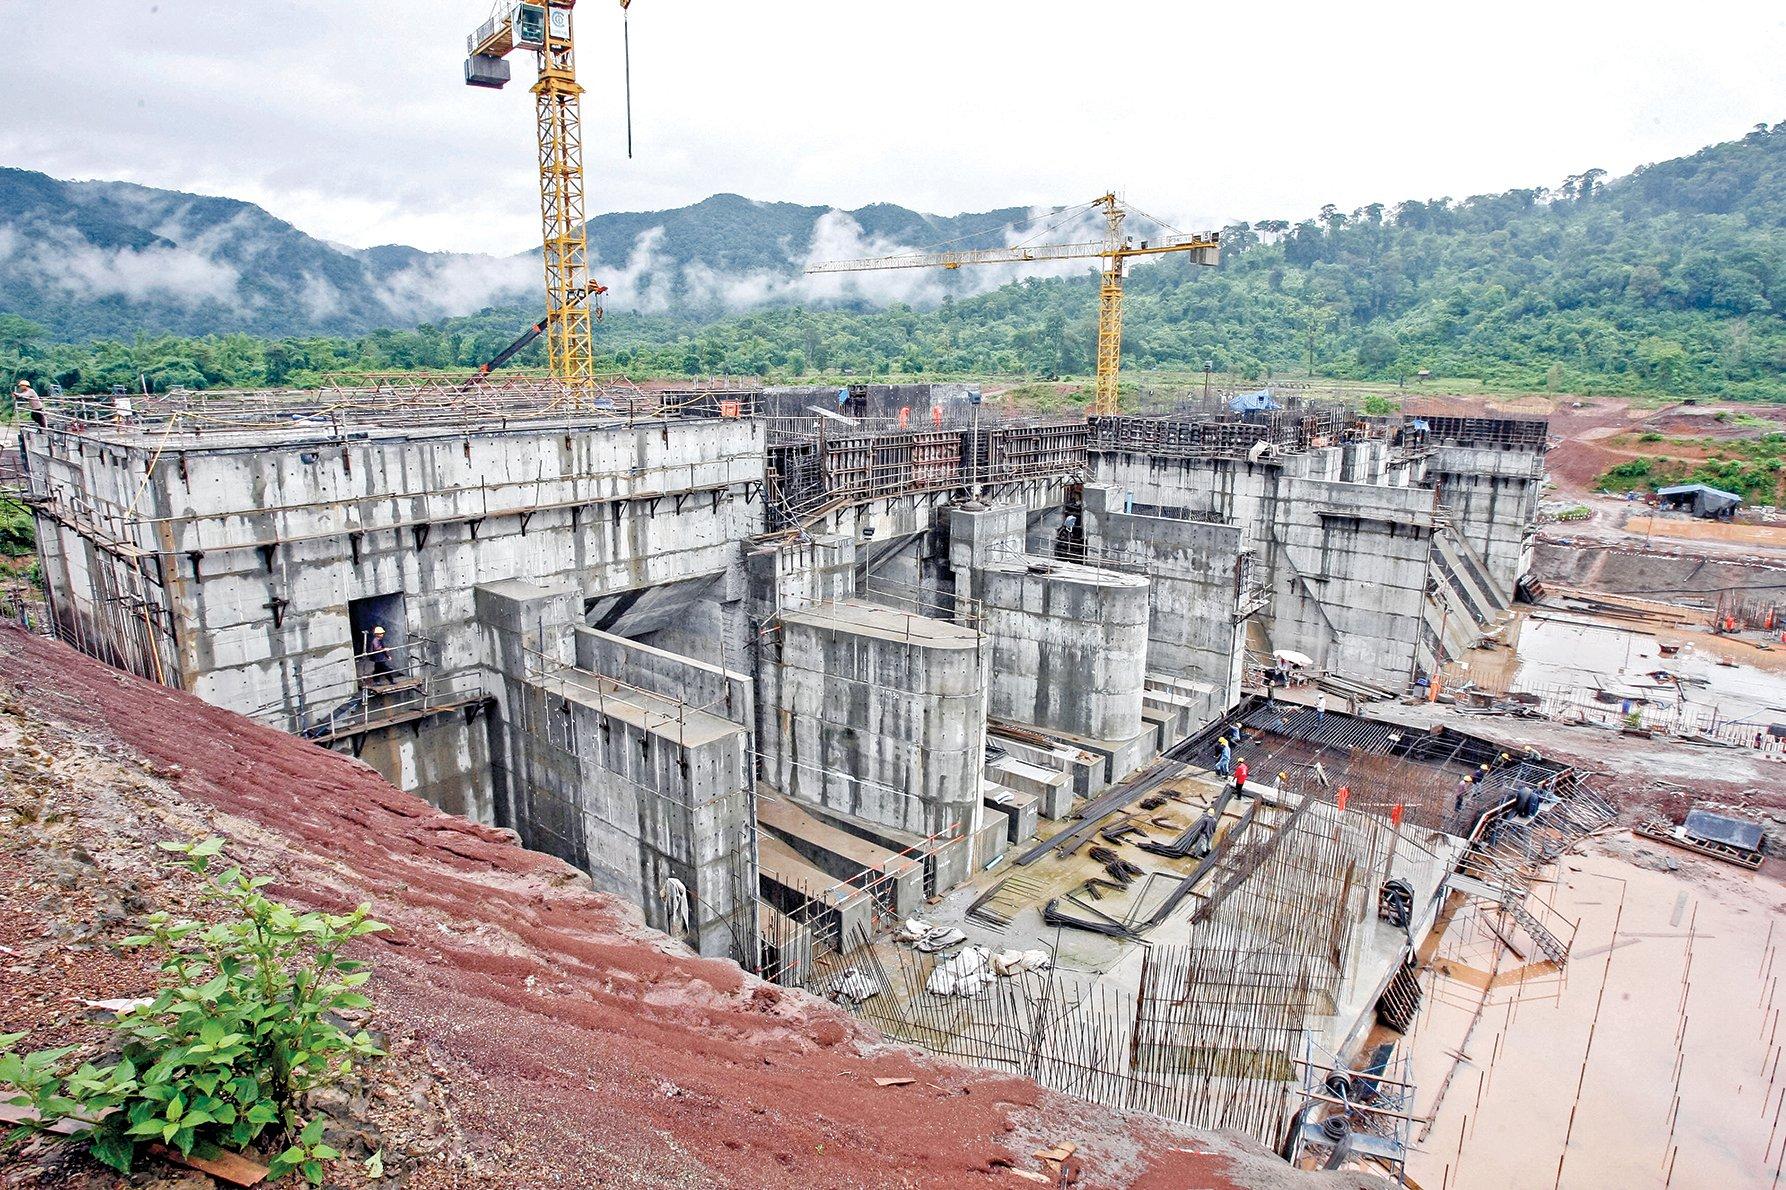 著名水利專家王維洛指出,中共在湄公河流域投資,是一場浮士德式的交易。圖為中共在老撾境內投資並營運的南通 2 號水壩。(AFP)